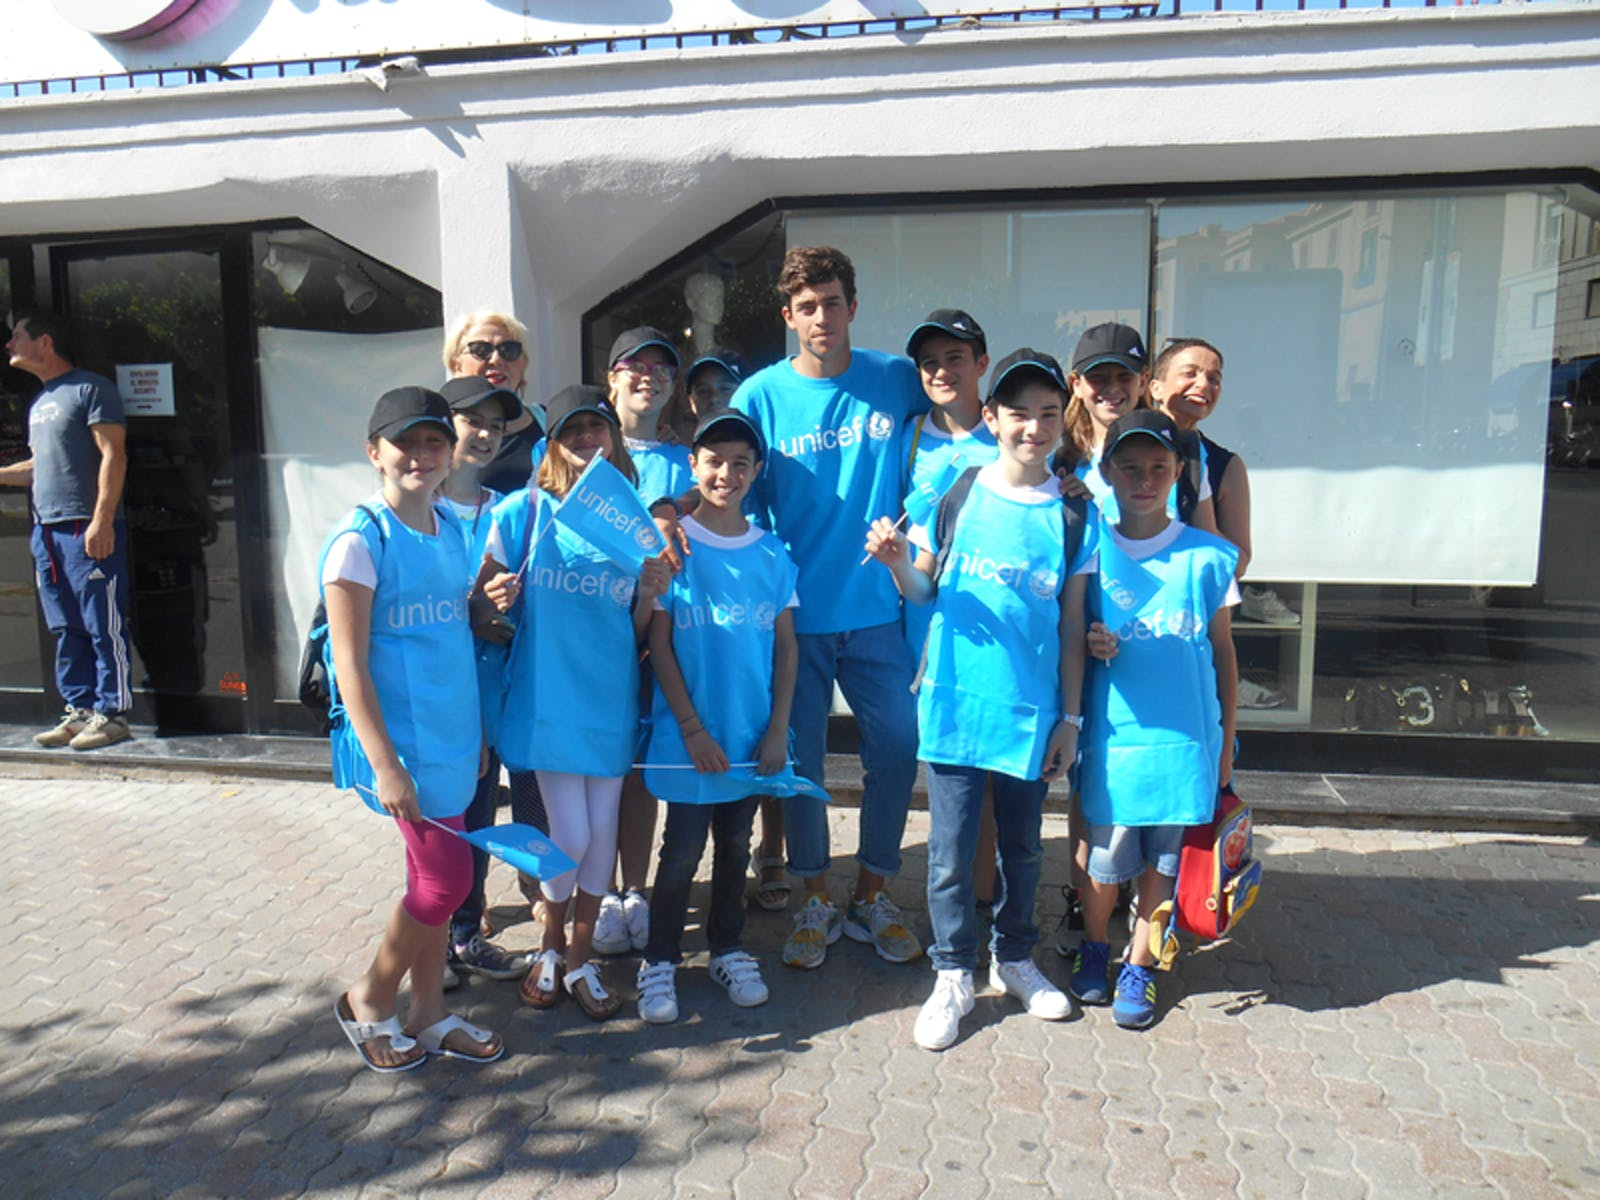 Foto di gruppo dell'evento di Civitavecchia